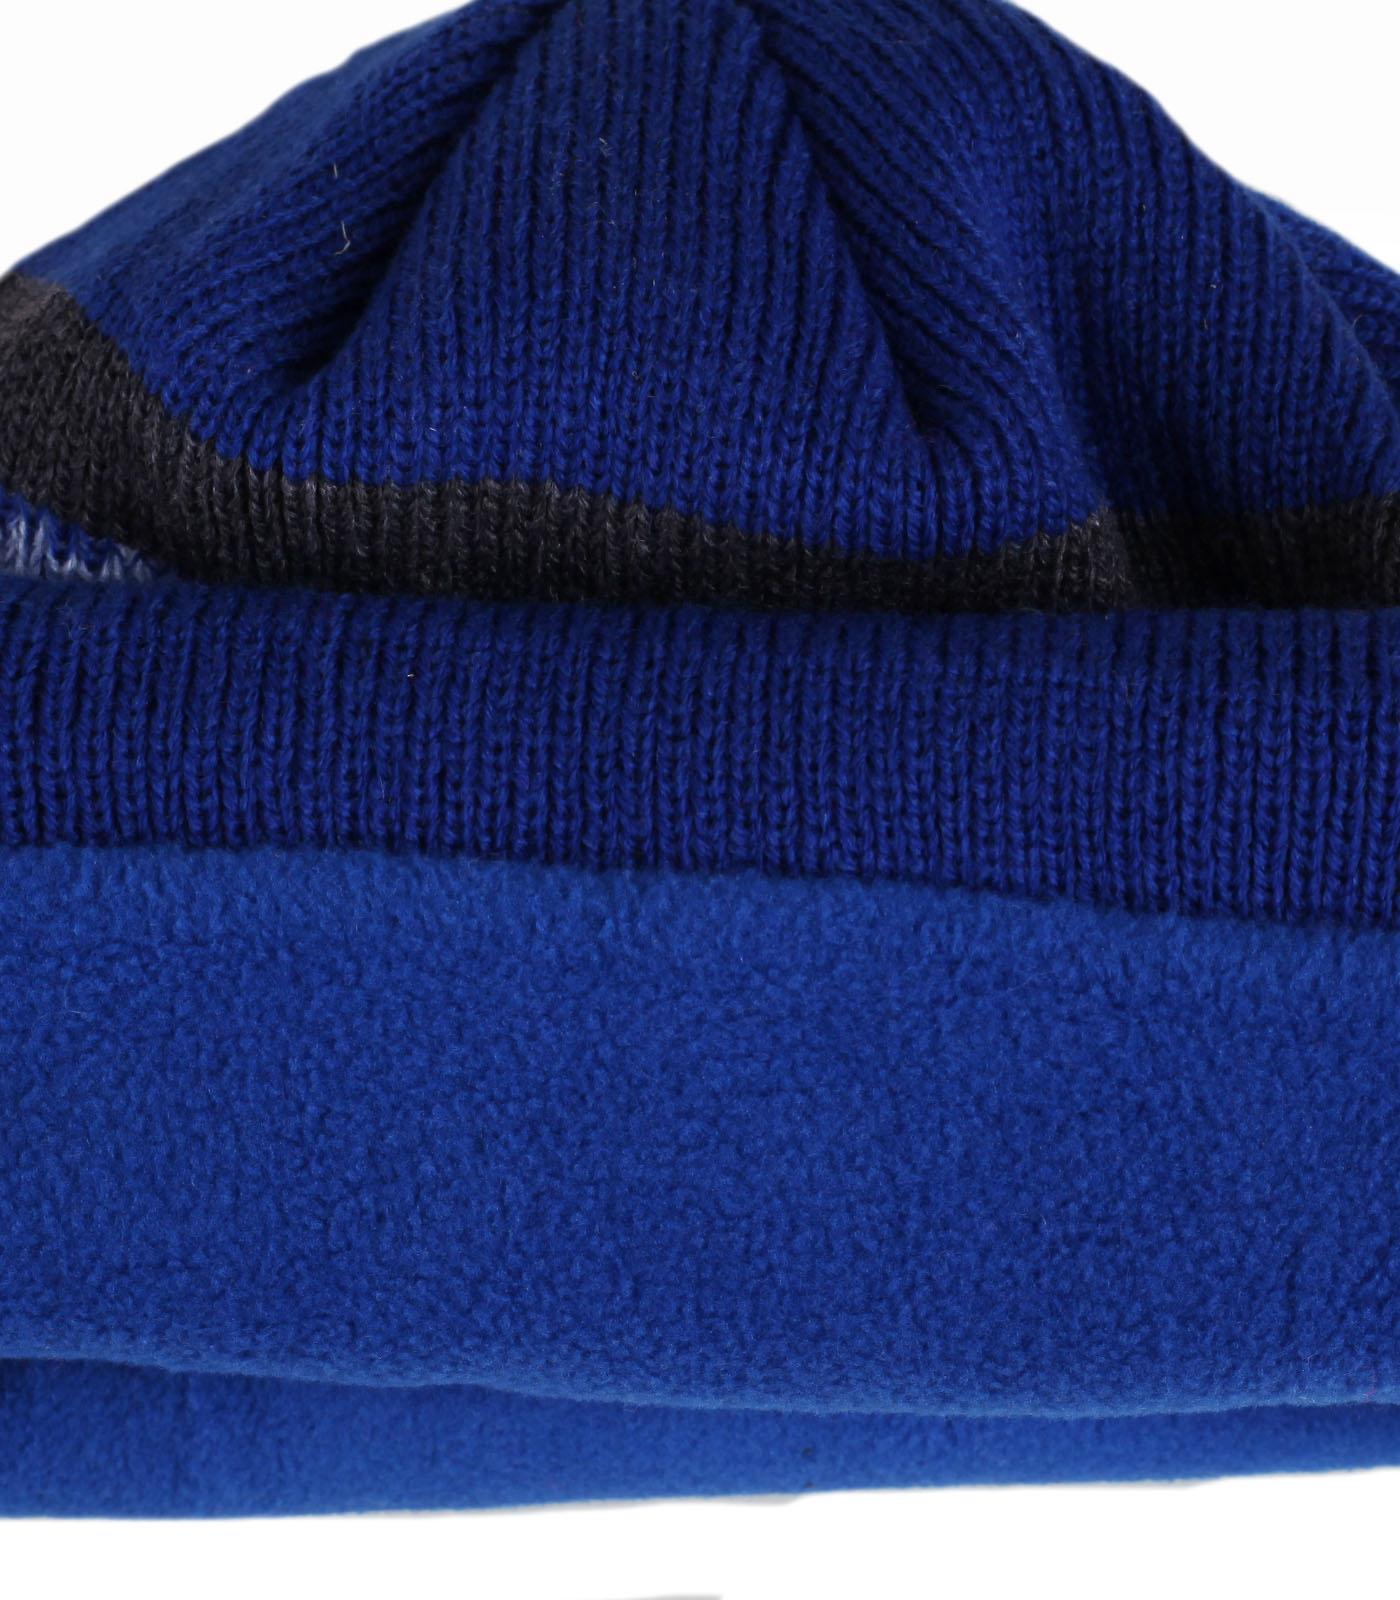 Заказать теплую мужскую шапку с отворотом спортивного стиля отменный функциональный аксессуар с флисом по лучшей цене